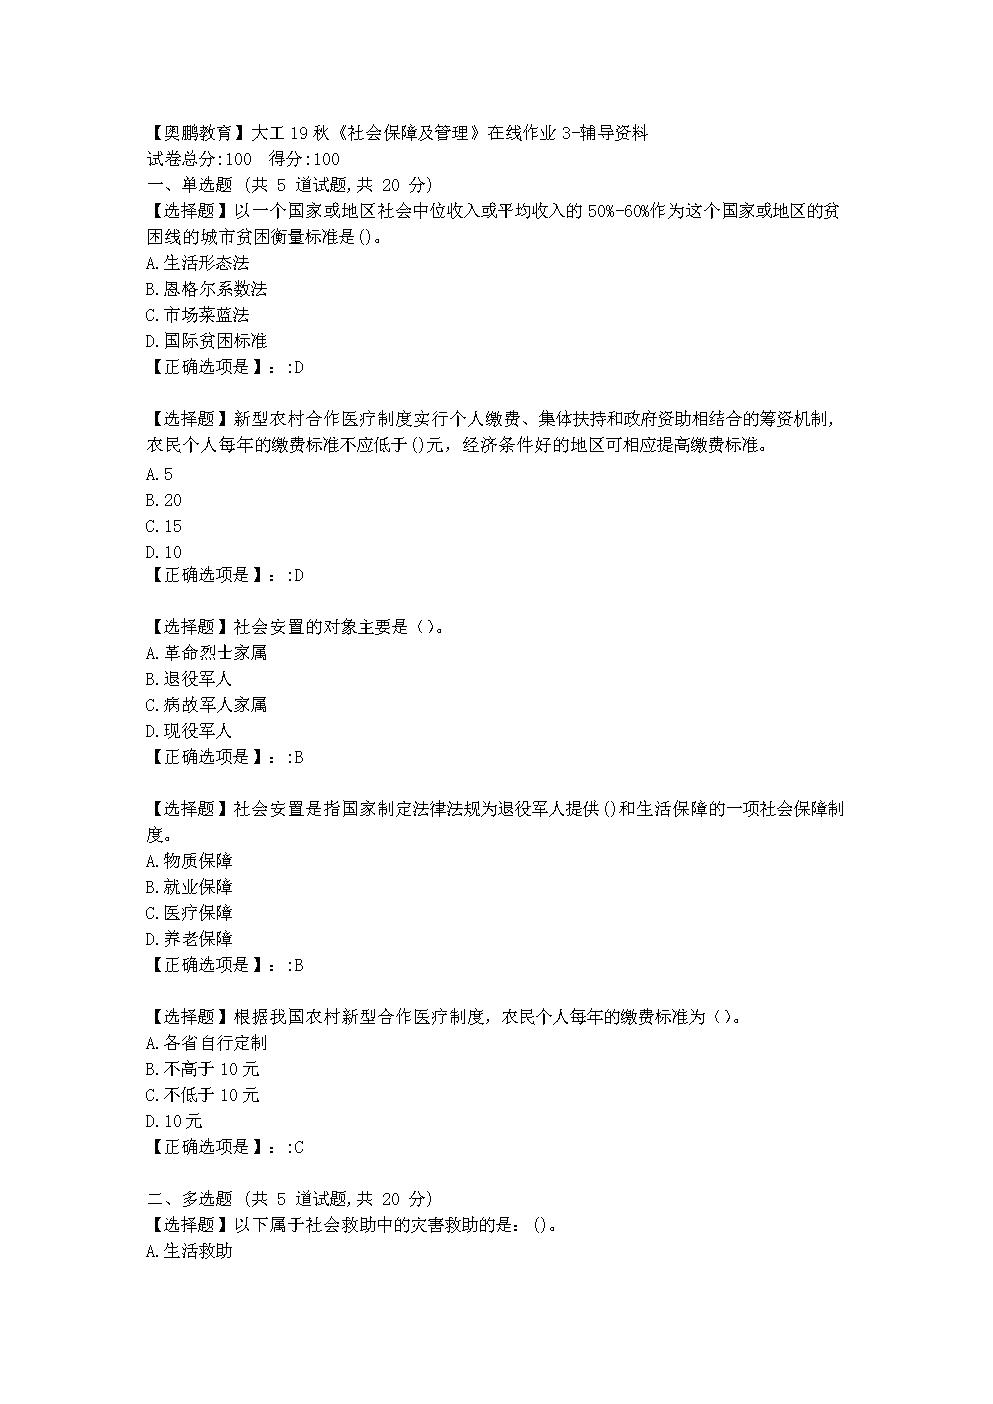 大连理工大学19秋《社会保障及管理》在线作业3学习资料.doc